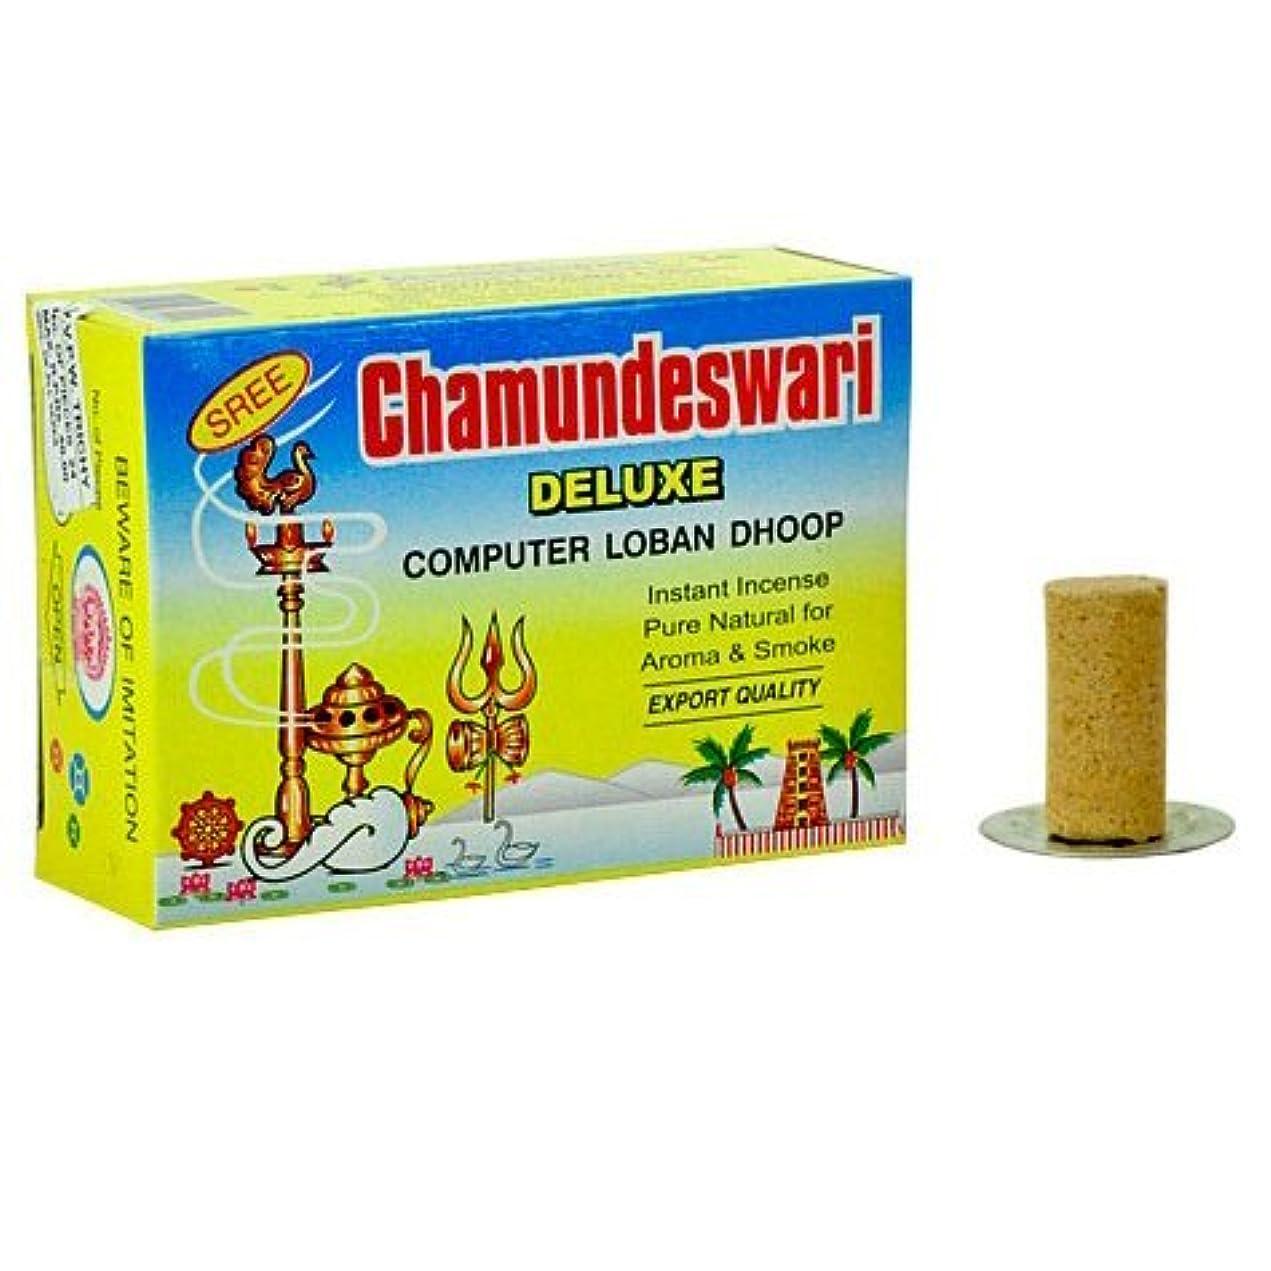 プロフィール仕立て屋植物学者Sree ChamundeswariデラックスコンピュータSambrani Loban Dhoop、1.5